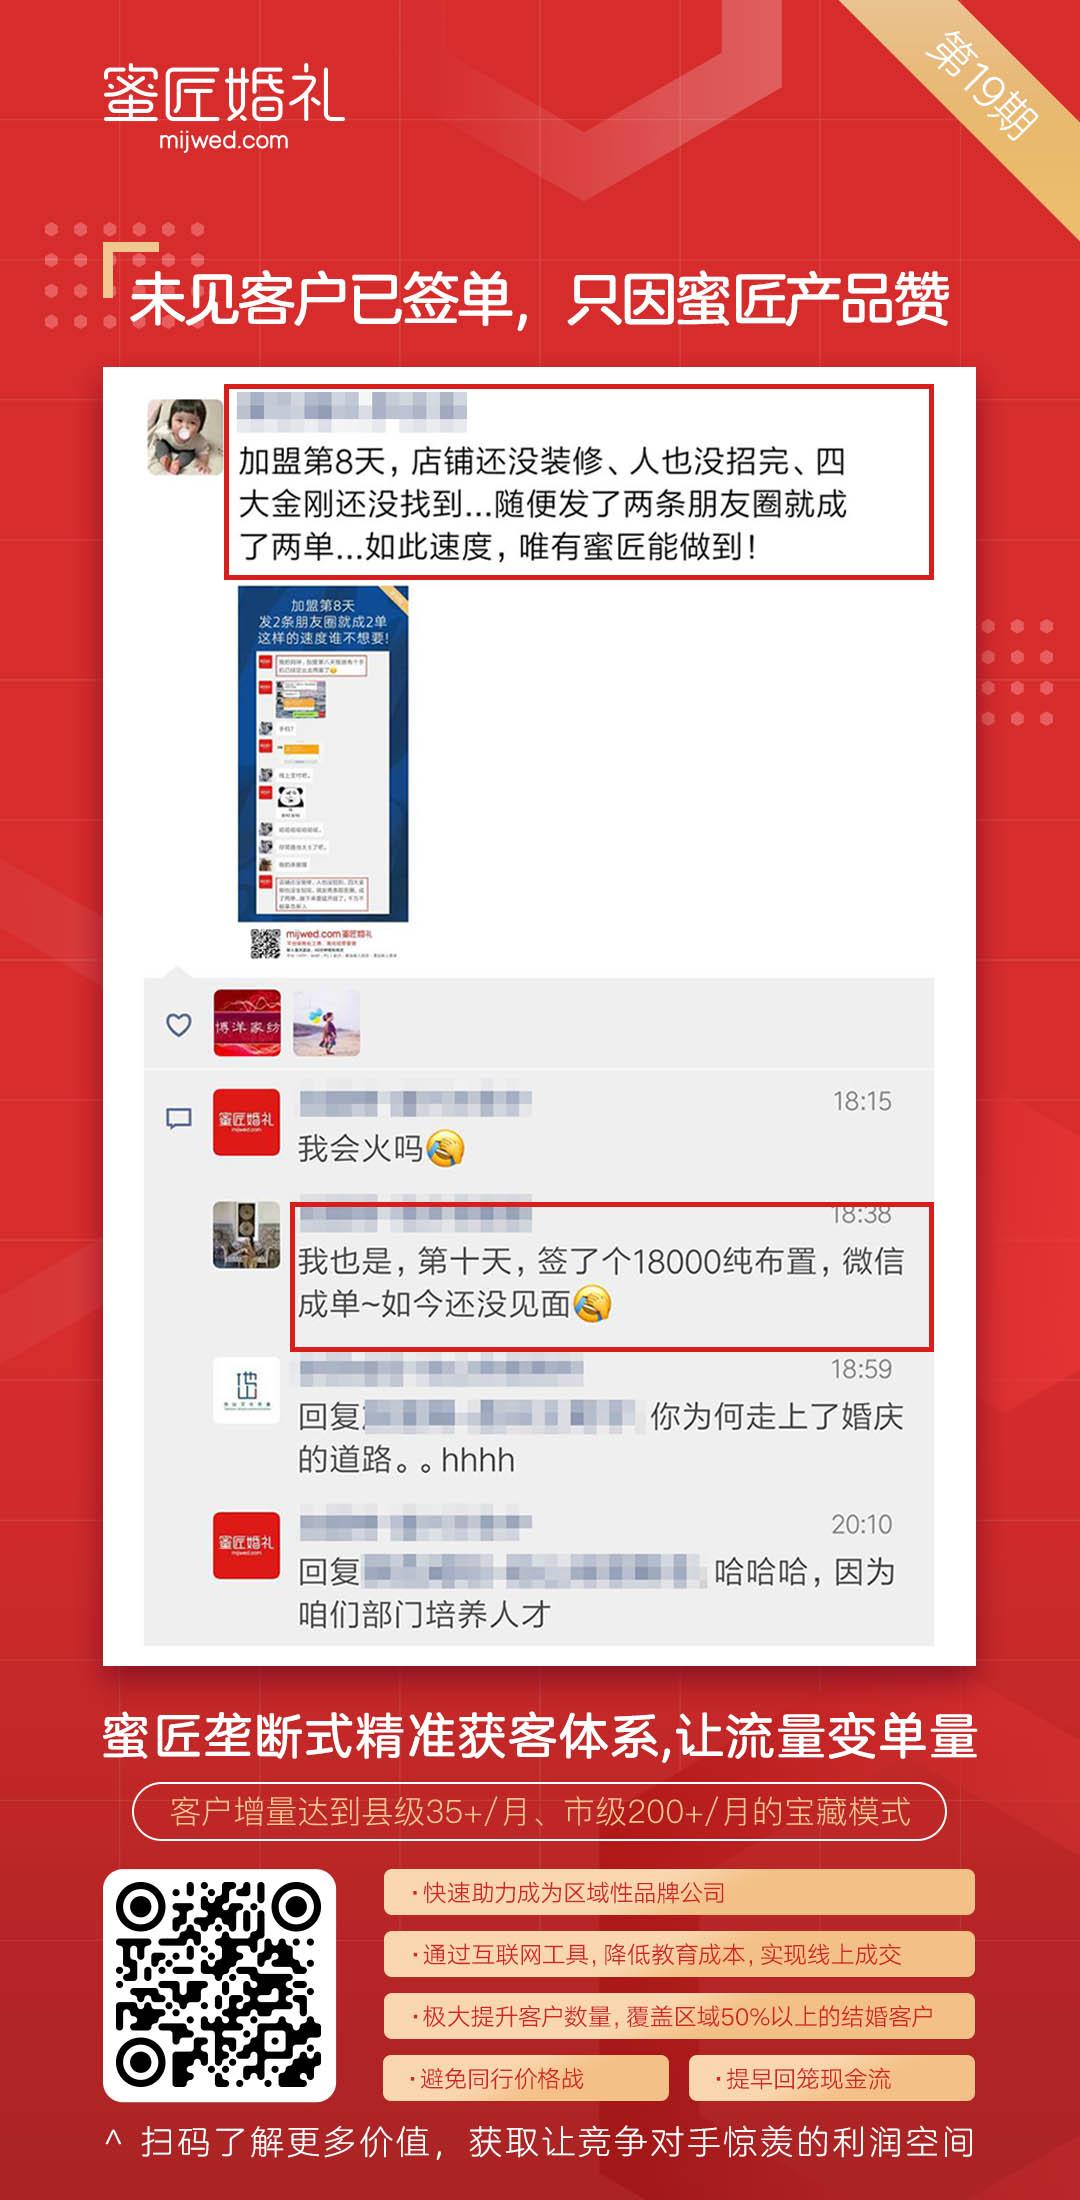 汕头2020加盟婚庆公司多少钱 汕头开婚庆公司还是加盟店好